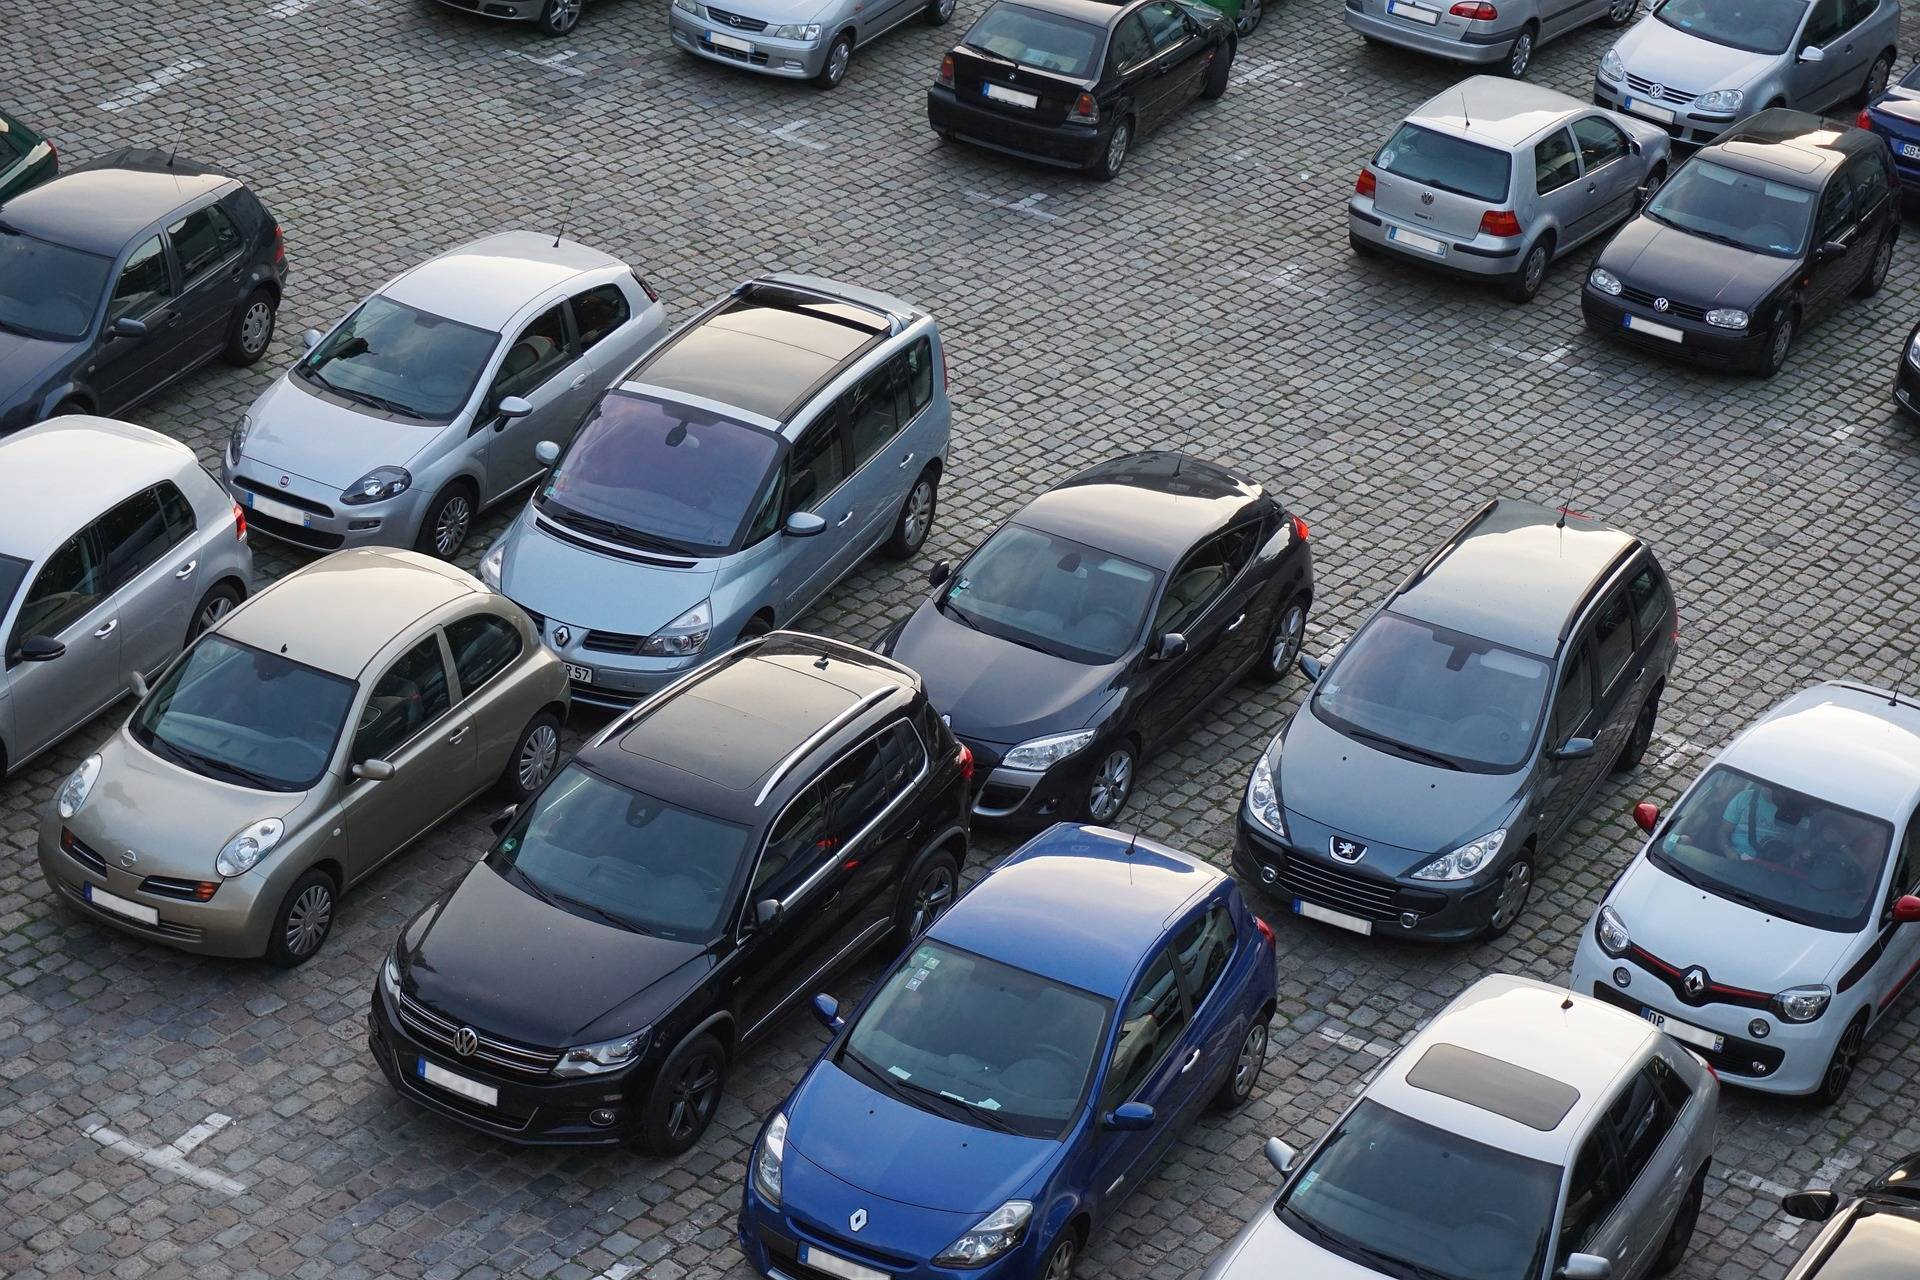 В новейшей столице России создадут 8 тыс. бесплатных парковок